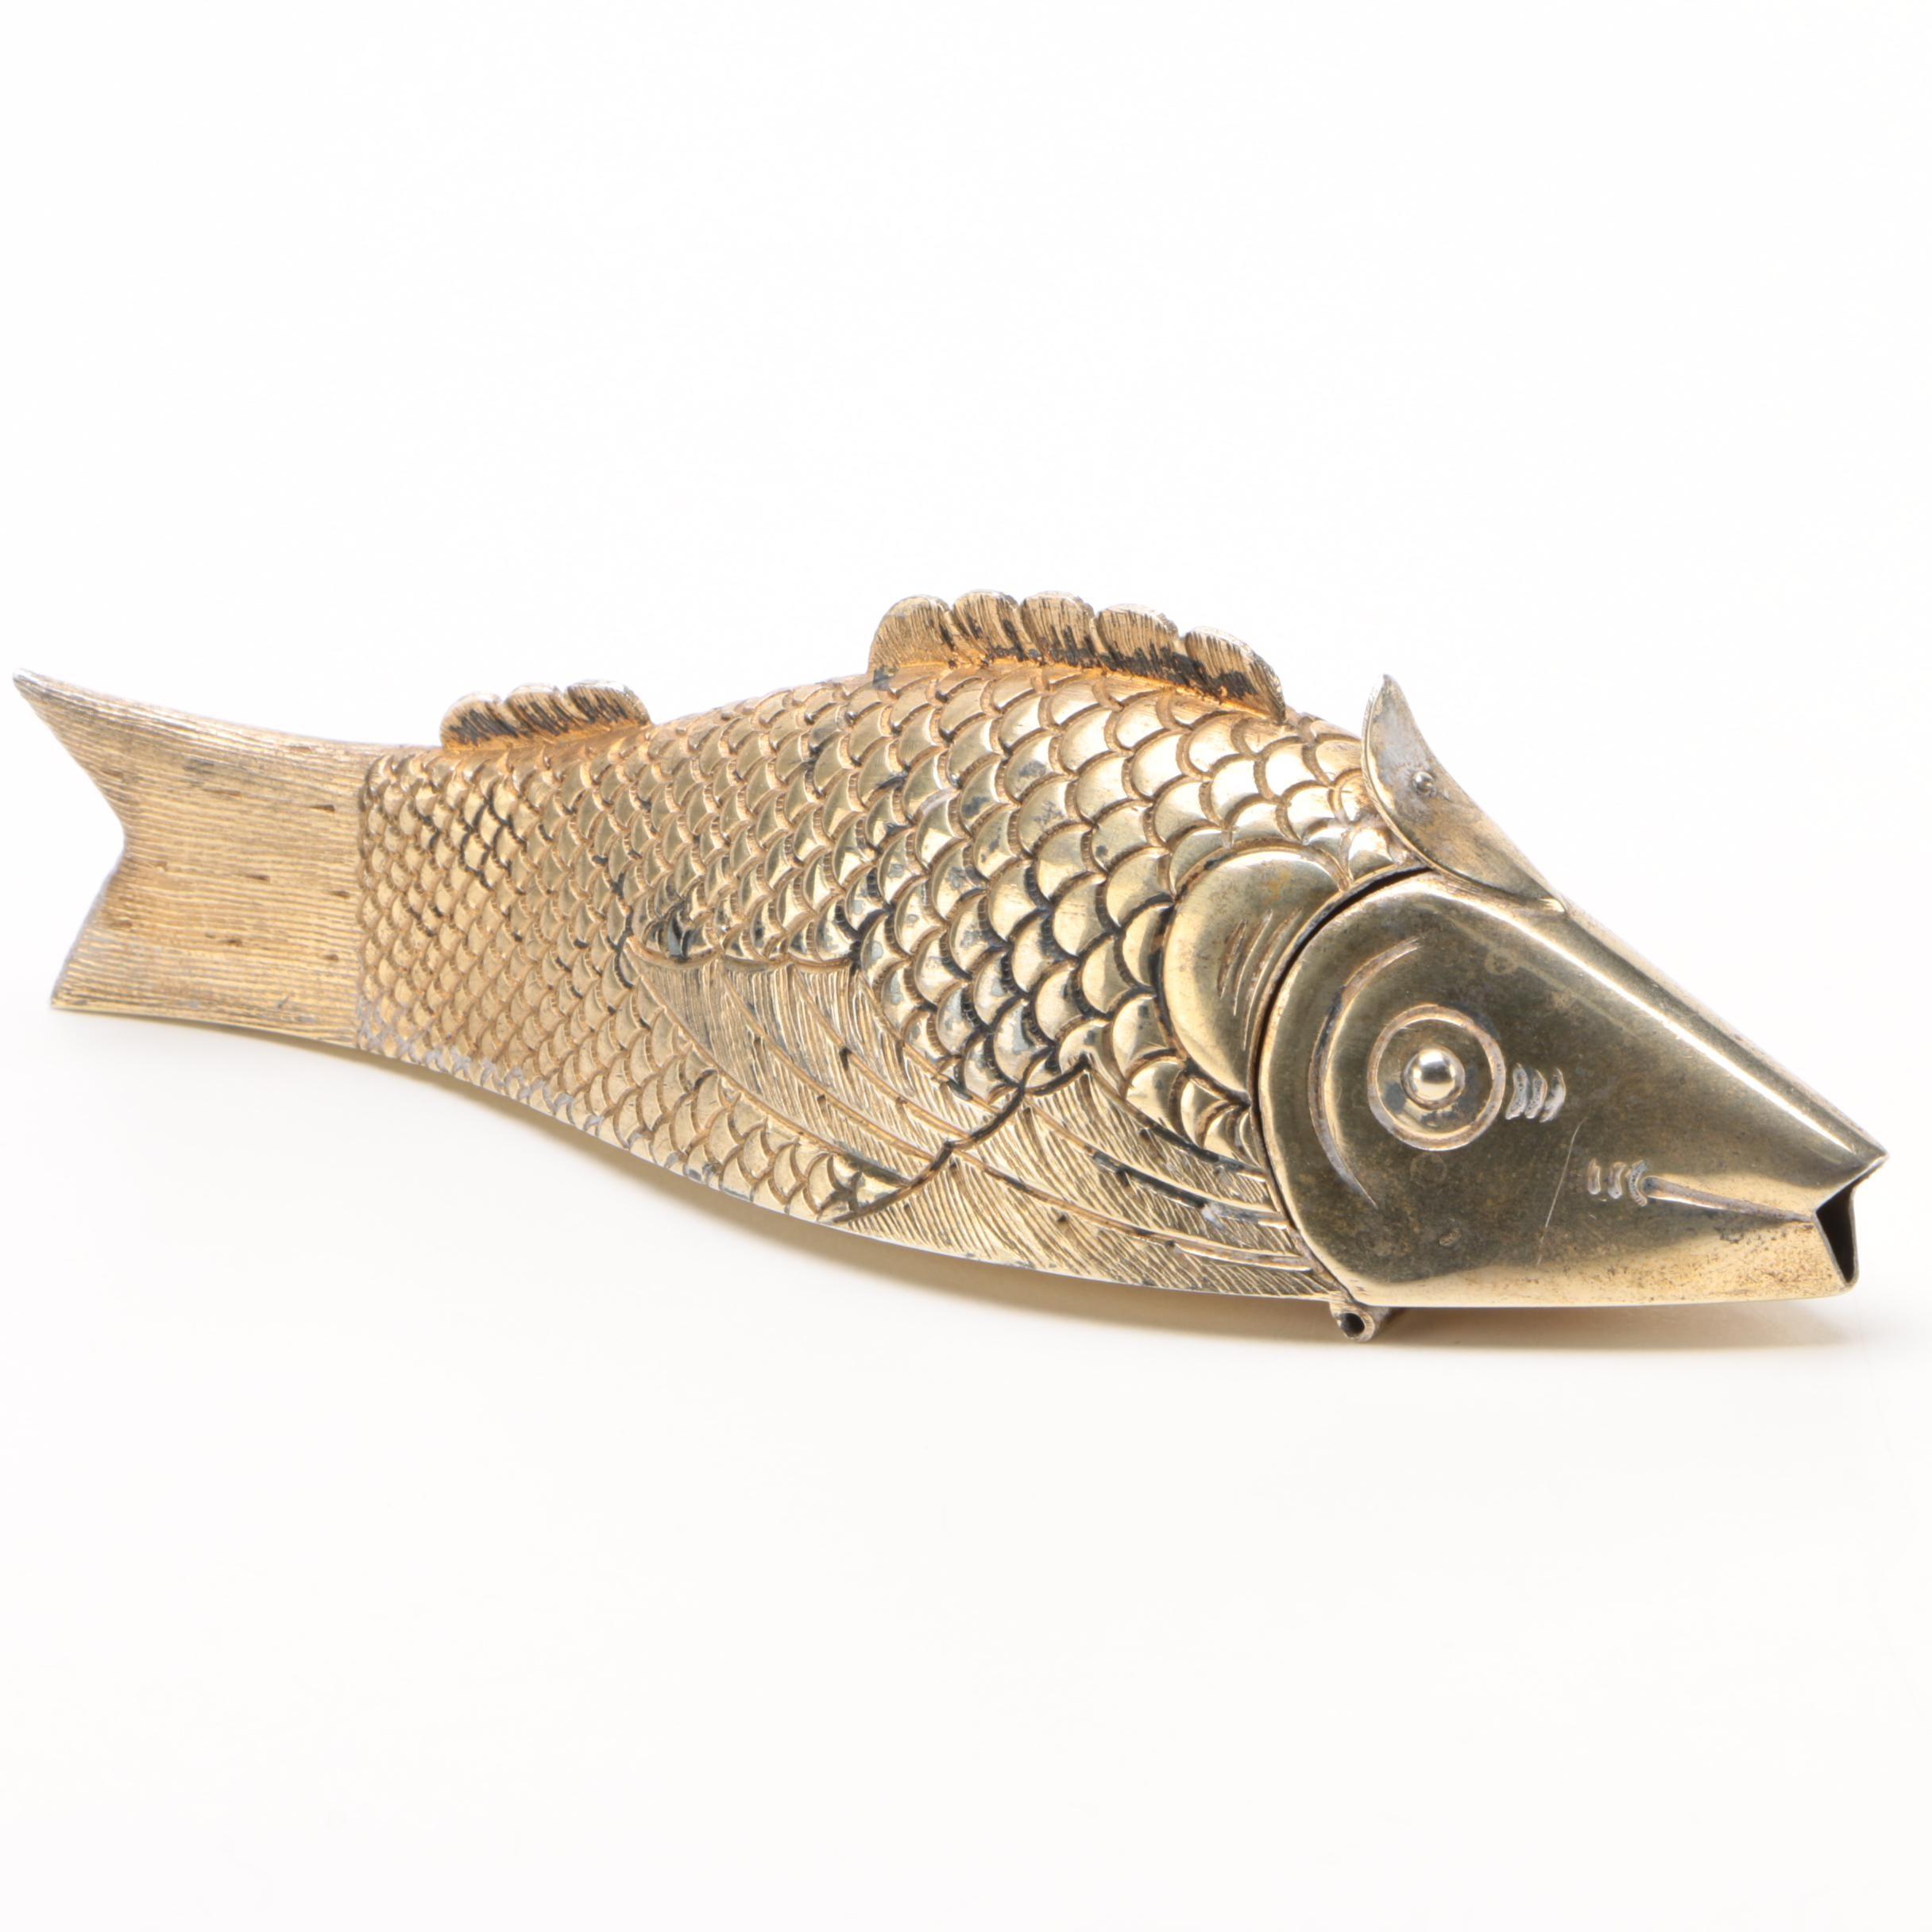 Henri Bendel Gold Wash Sterling Fish Box